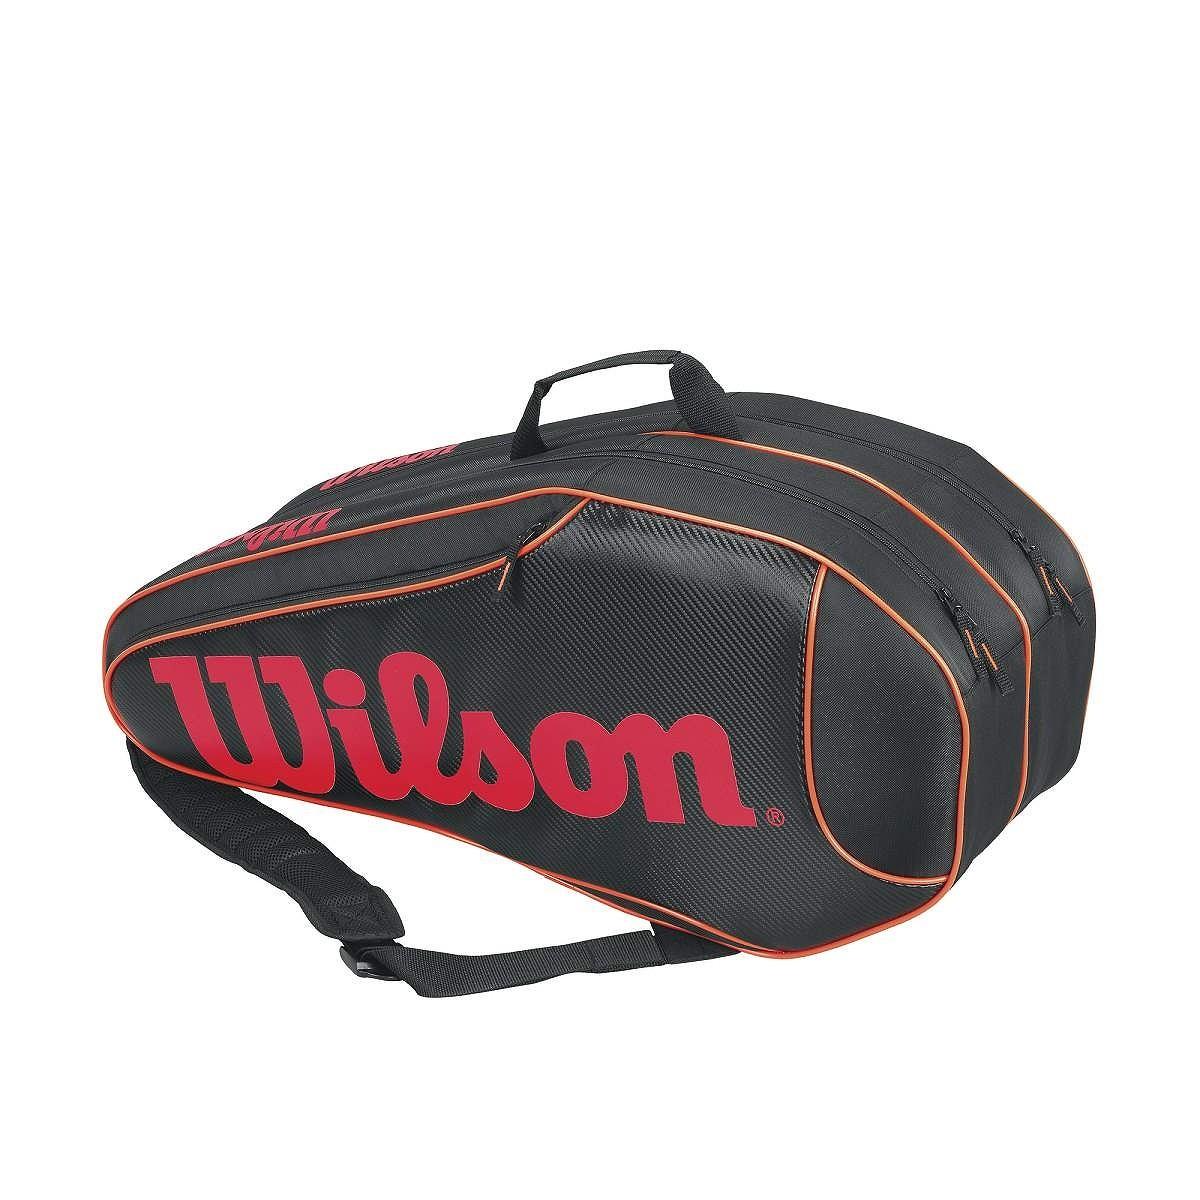 Torba tenisowa Wilson Burn Team 6 Pack - wyprzedaż!